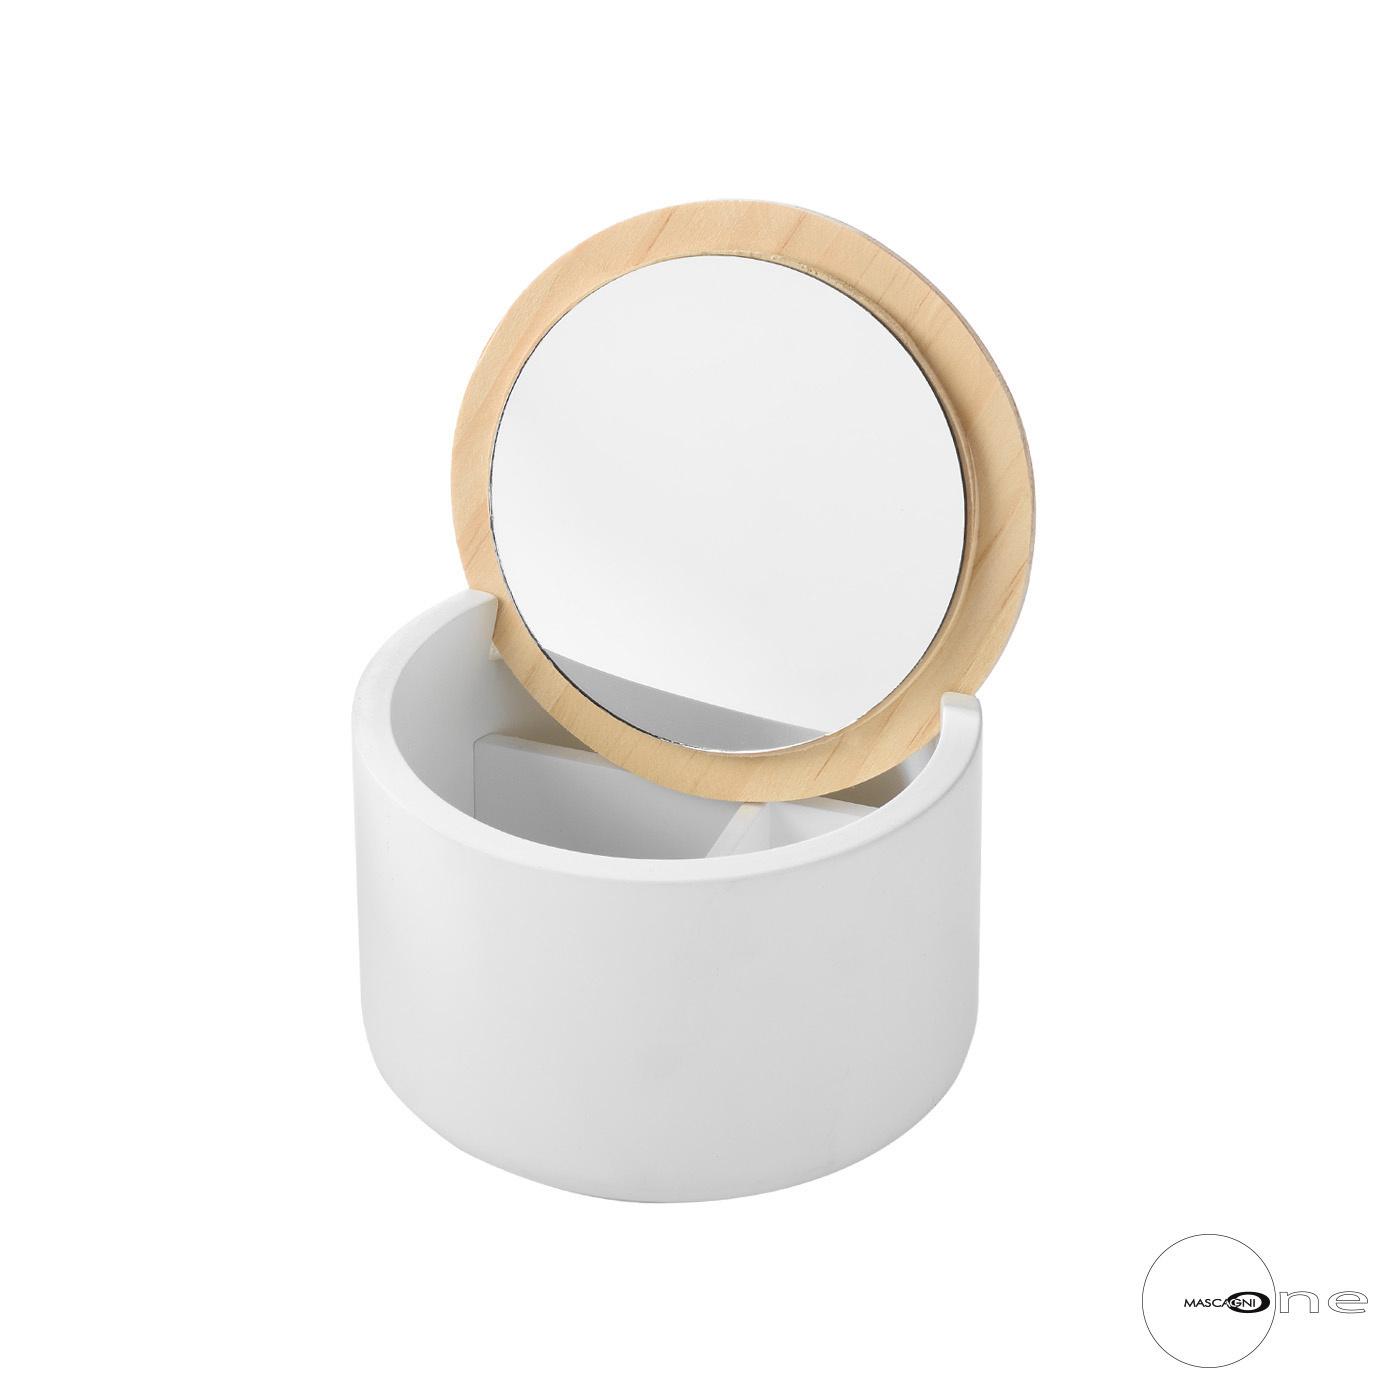 Art Mascagni O1492 BOX DIAM.13 - COL.WHITE